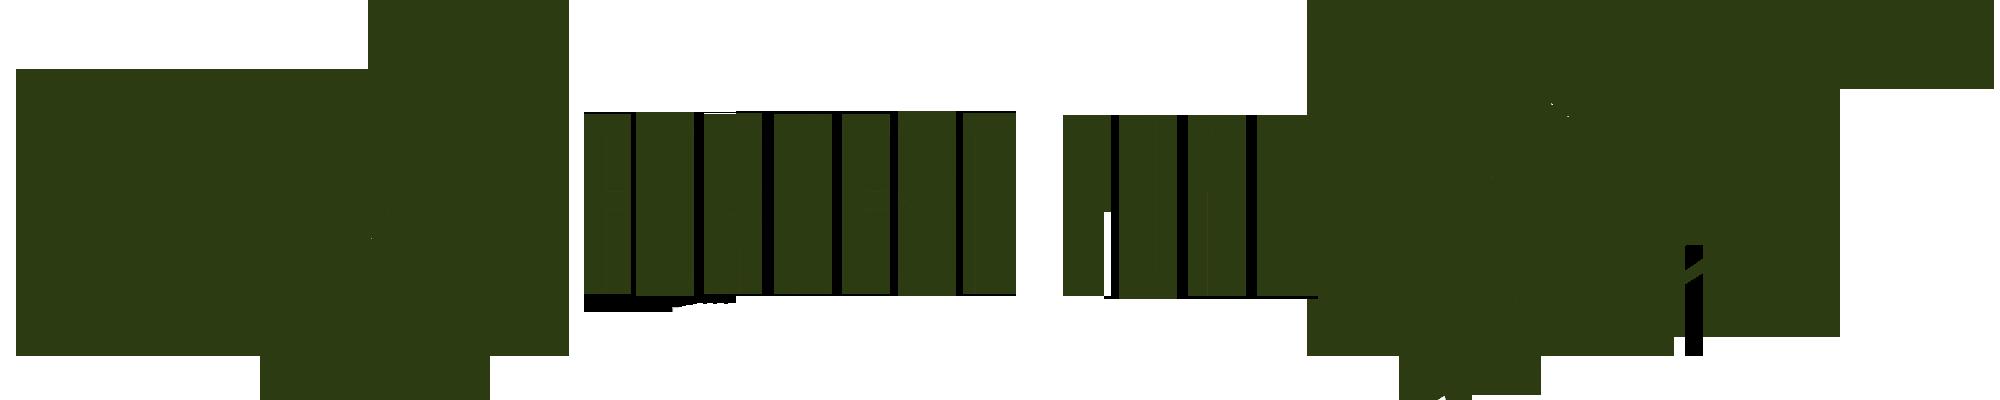 Forrest Funk - Das Kultfestival am Hochrhein